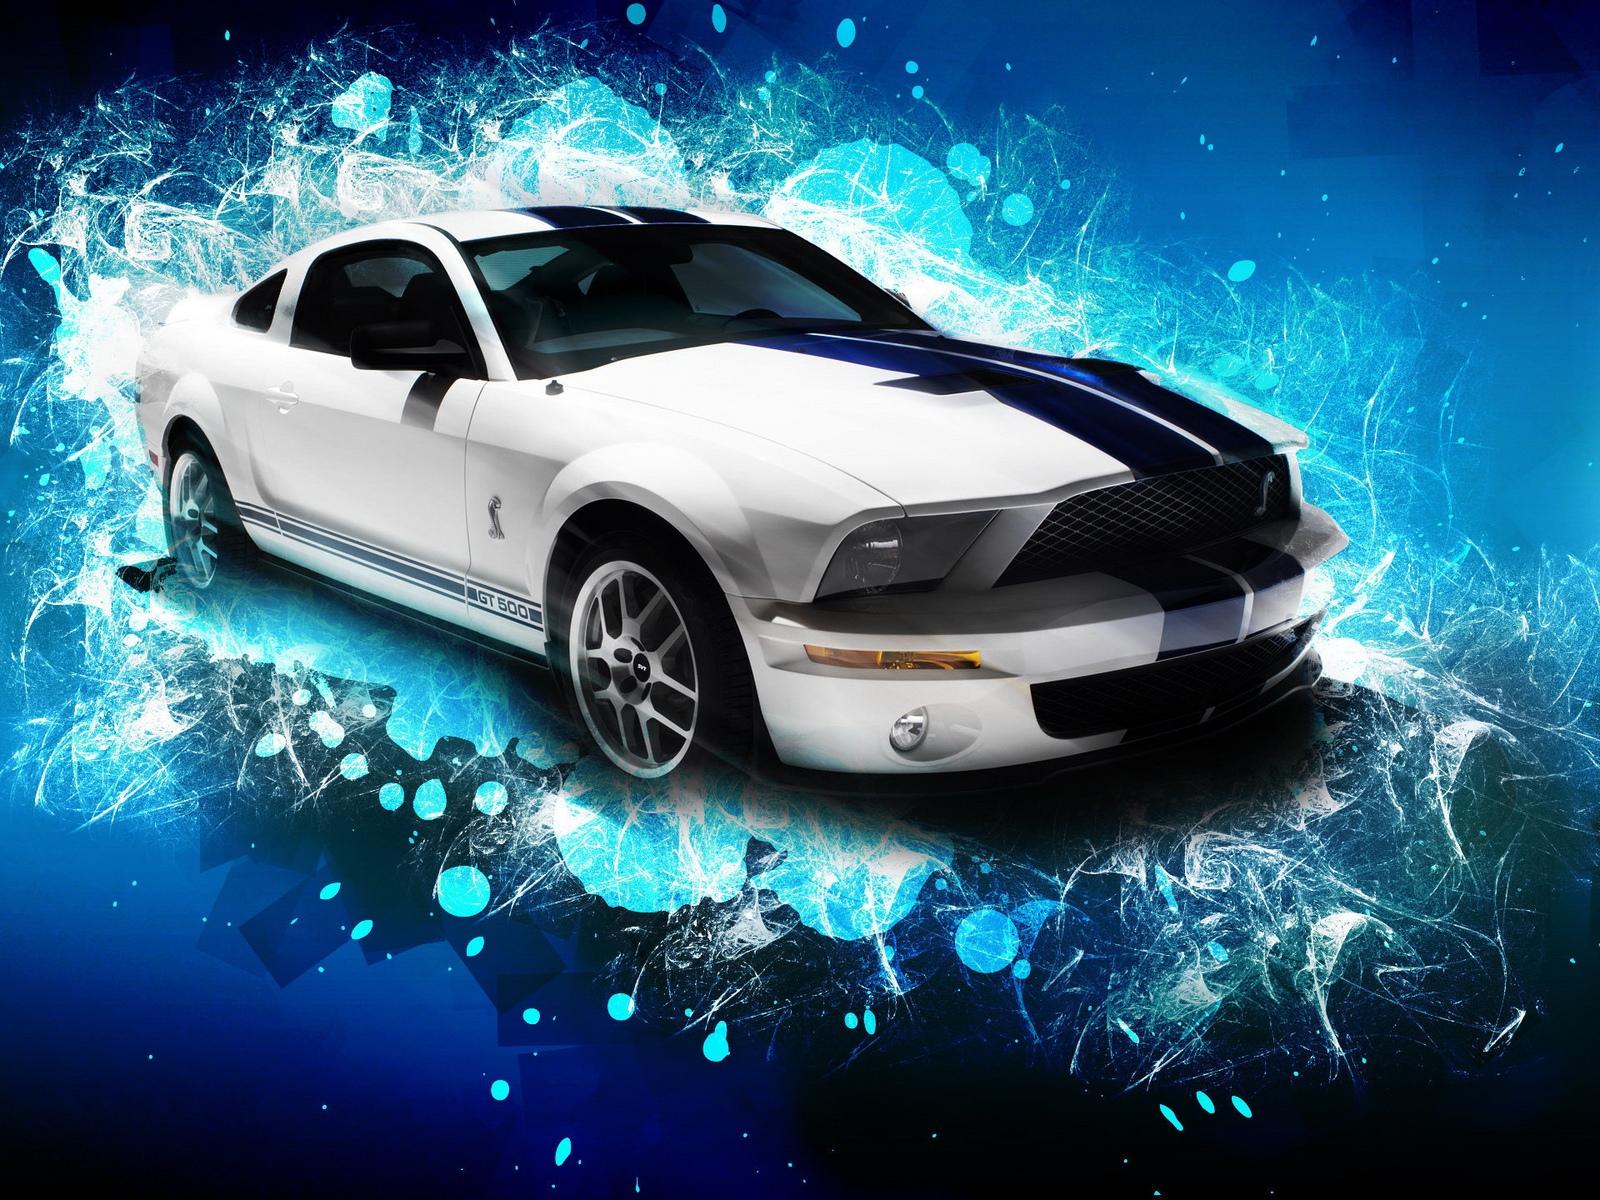 http://2.bp.blogspot.com/-5B7hhzgBoTY/T5IfOG-kw0I/AAAAAAAAAl4/wDRgPzGcO1I/s1600/Car+Photos.jpg